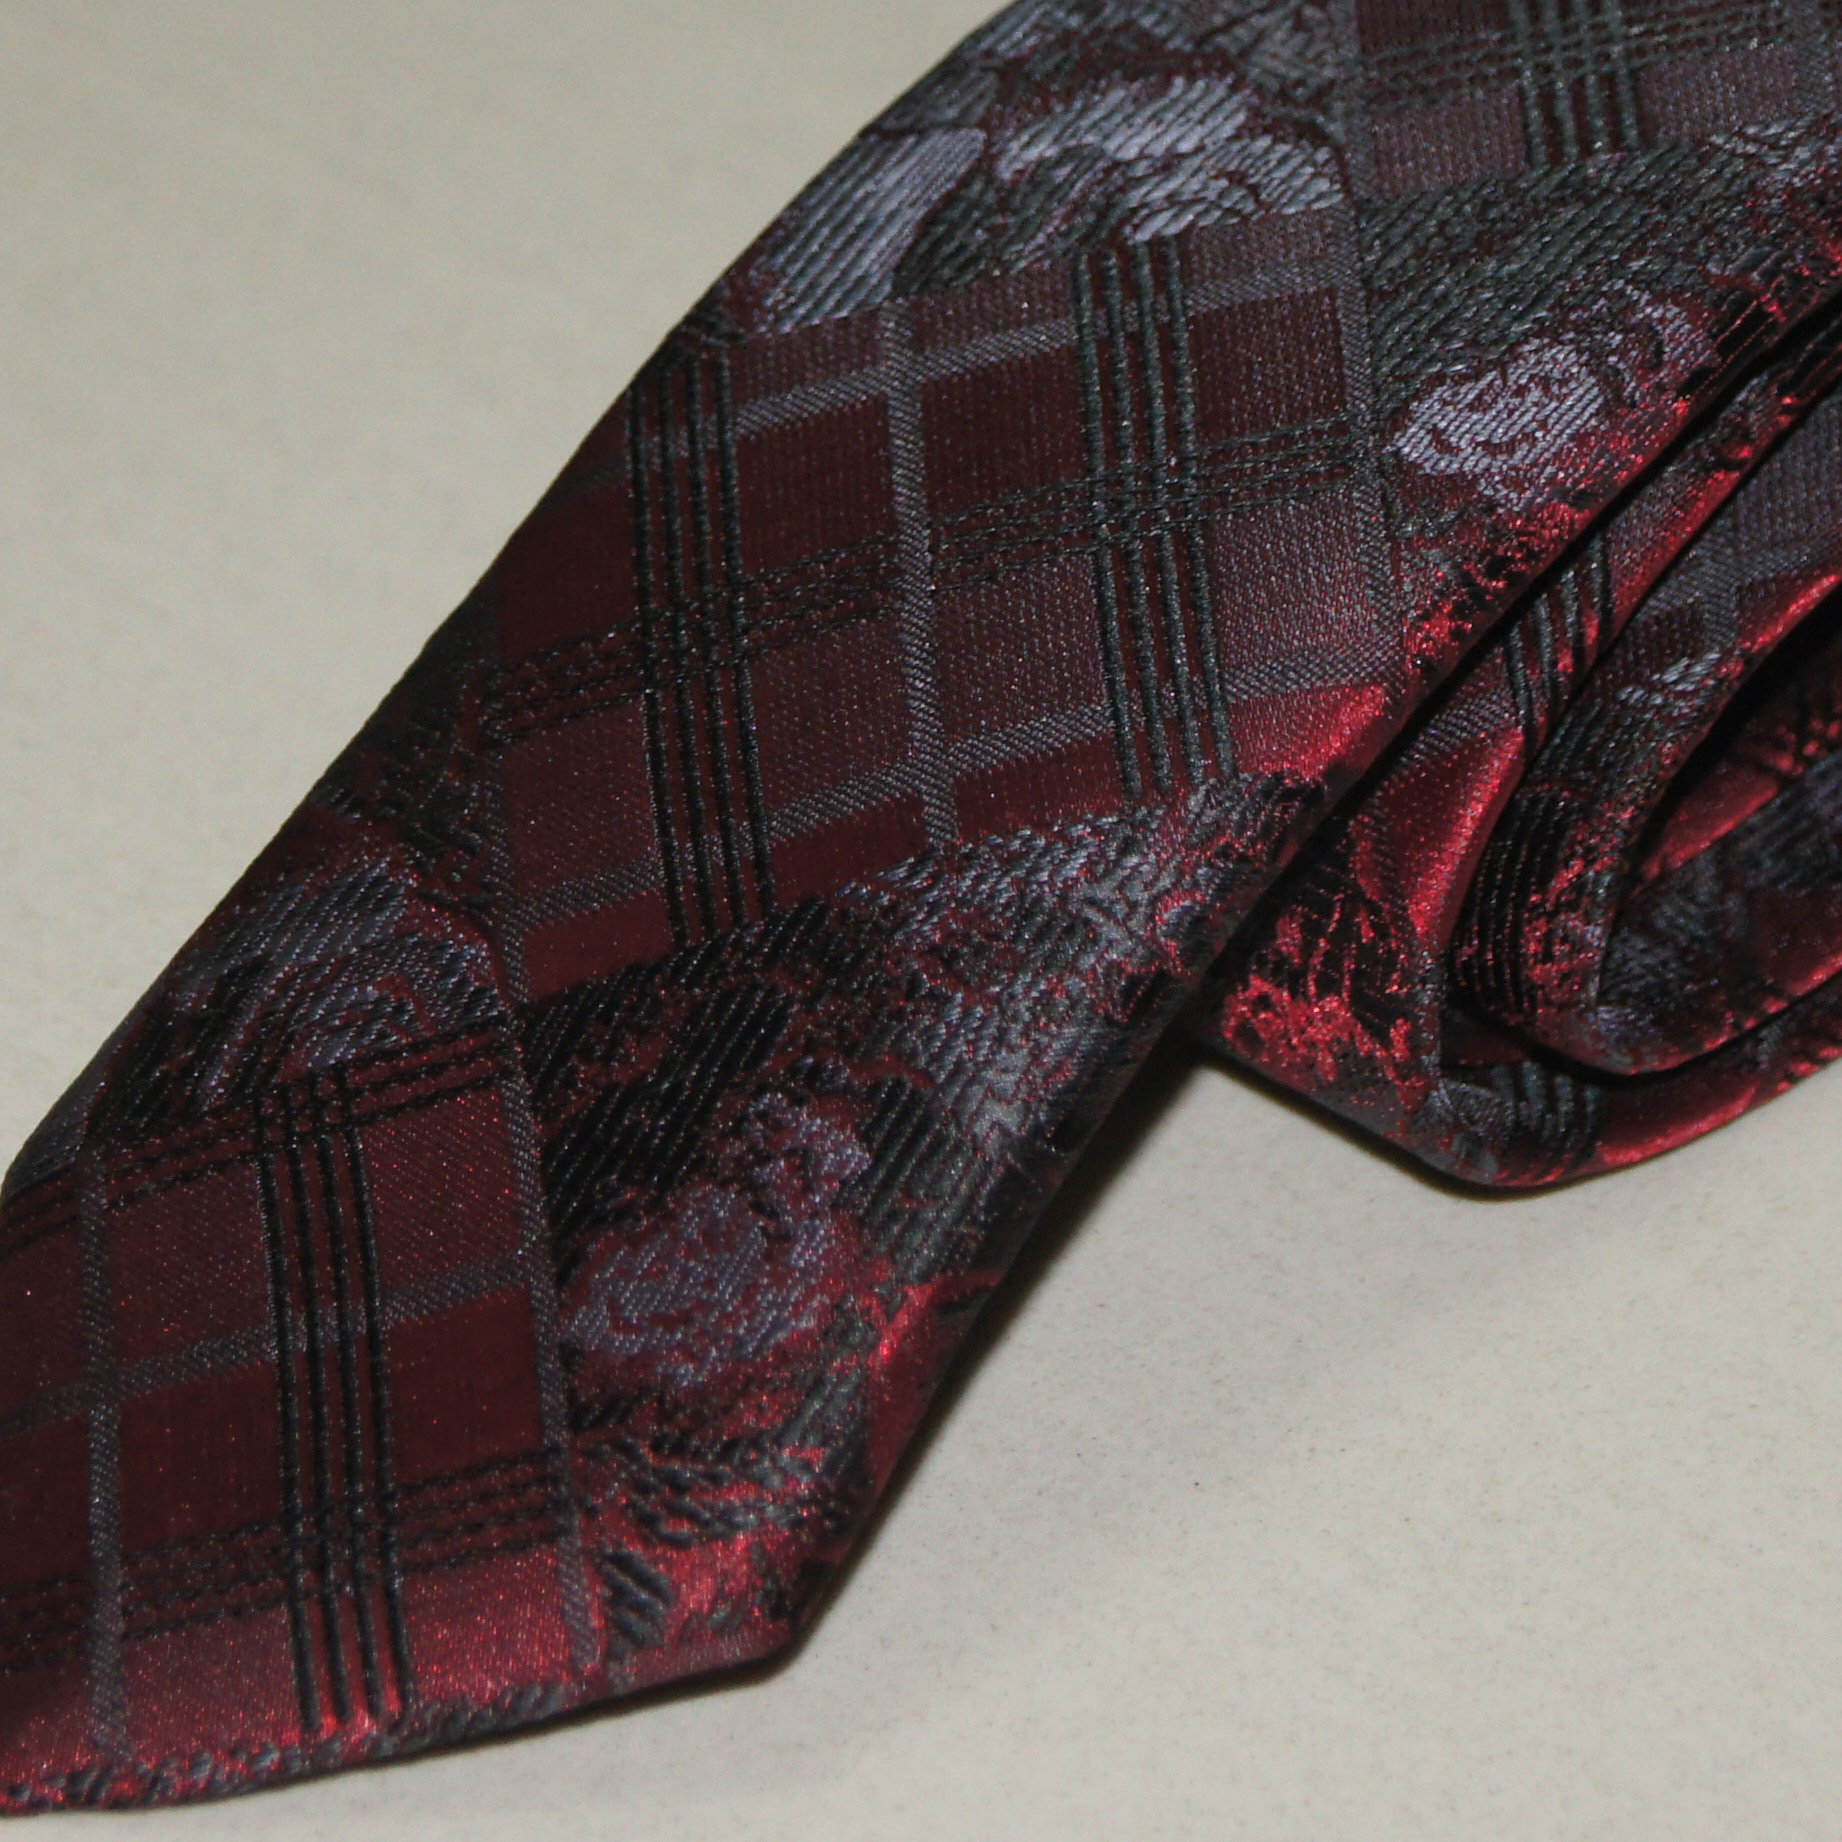 muska kravata #190 - MUSKE KRAVATE, muske kravate, prodaja muskih kravata beograd, kravata za odelo, odela, muska odela, kravata za vencanje, za svadbu